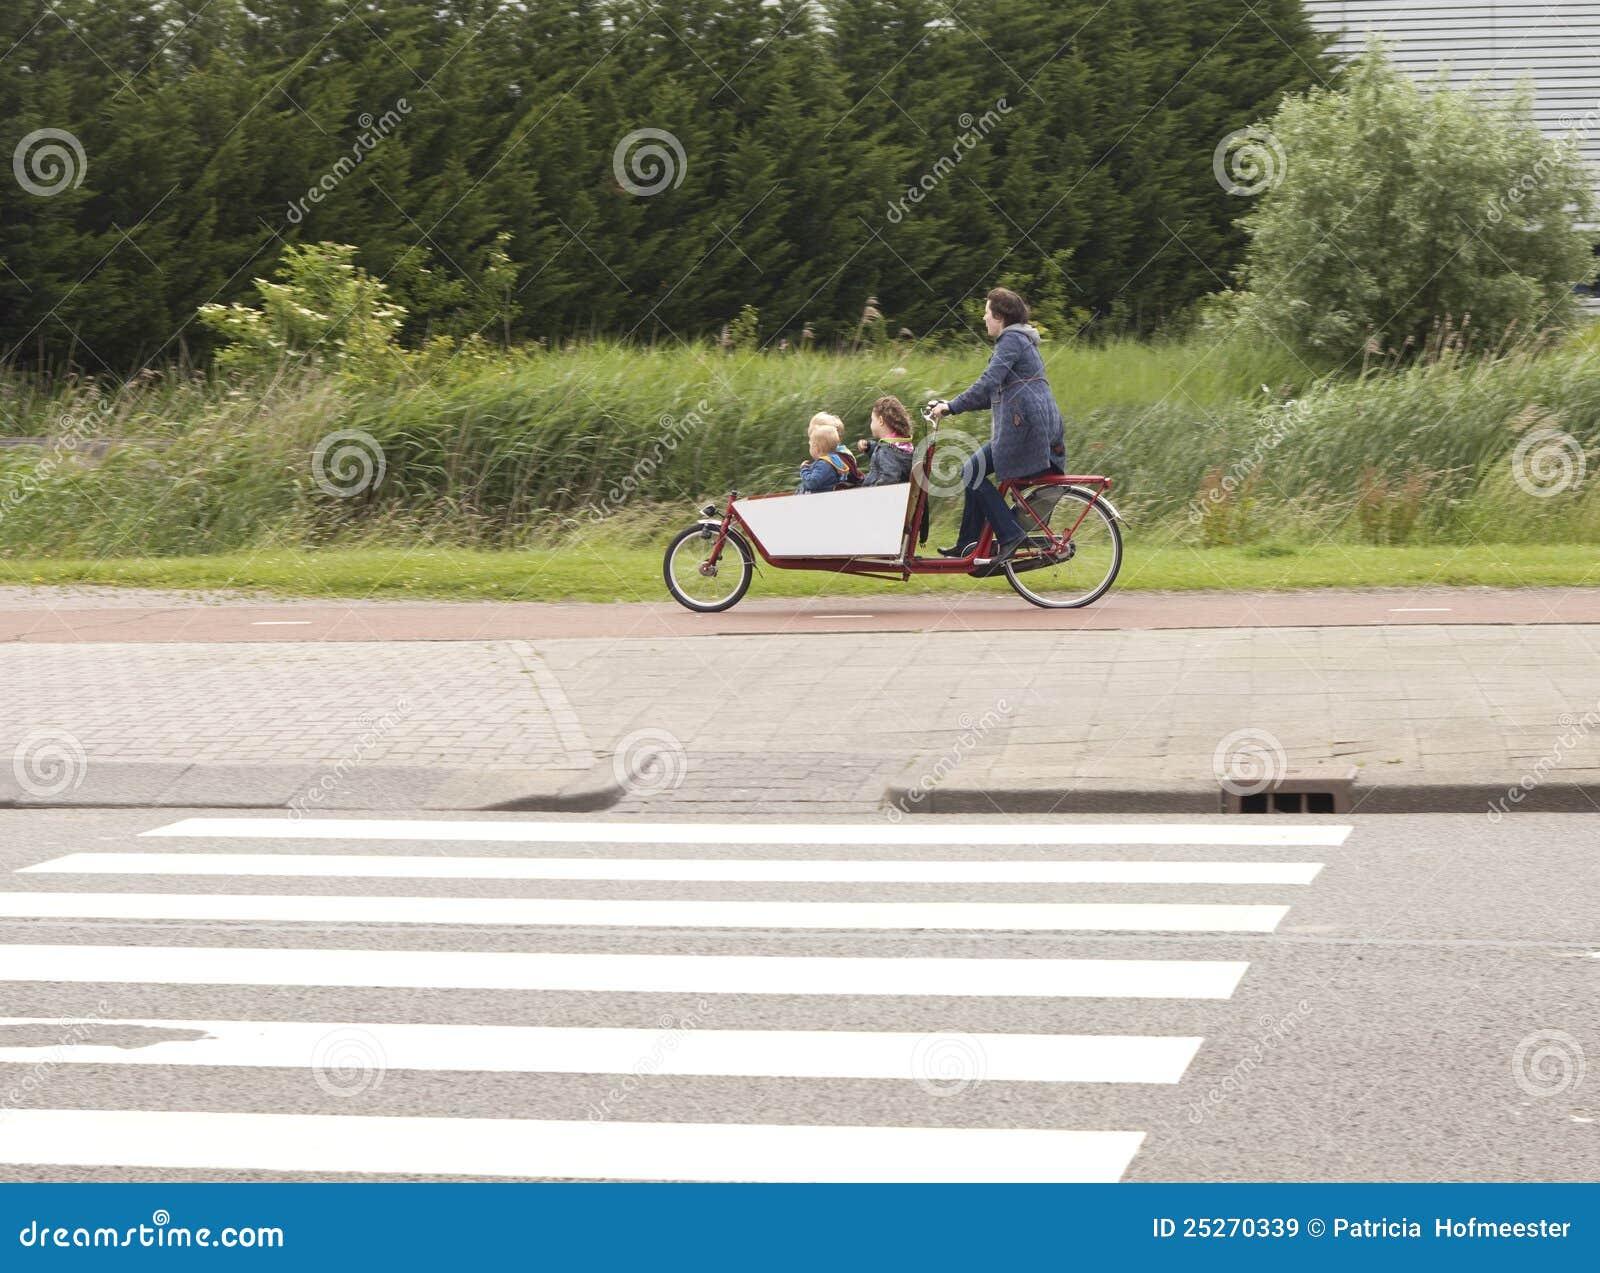 Biking the children to school in the Netherlands